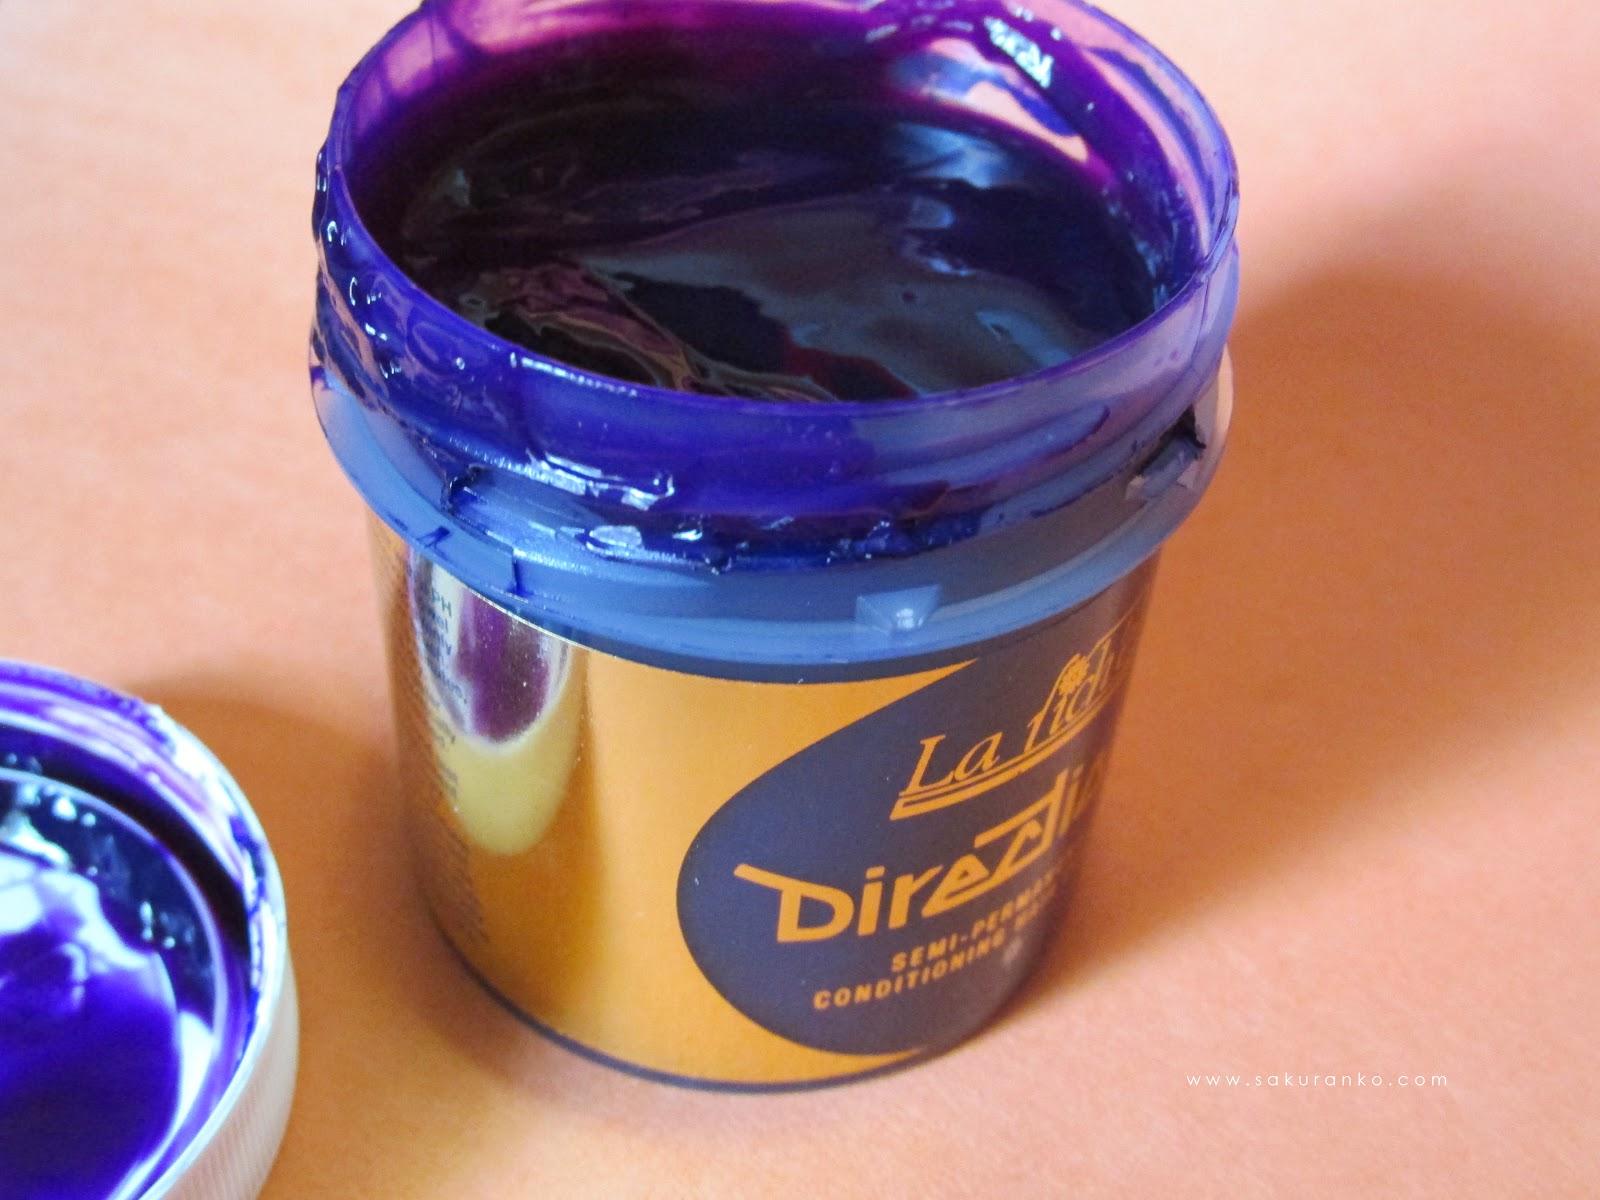 Sakuranko La Riche Directions Semi Permanent Hair Colour Dye Violet